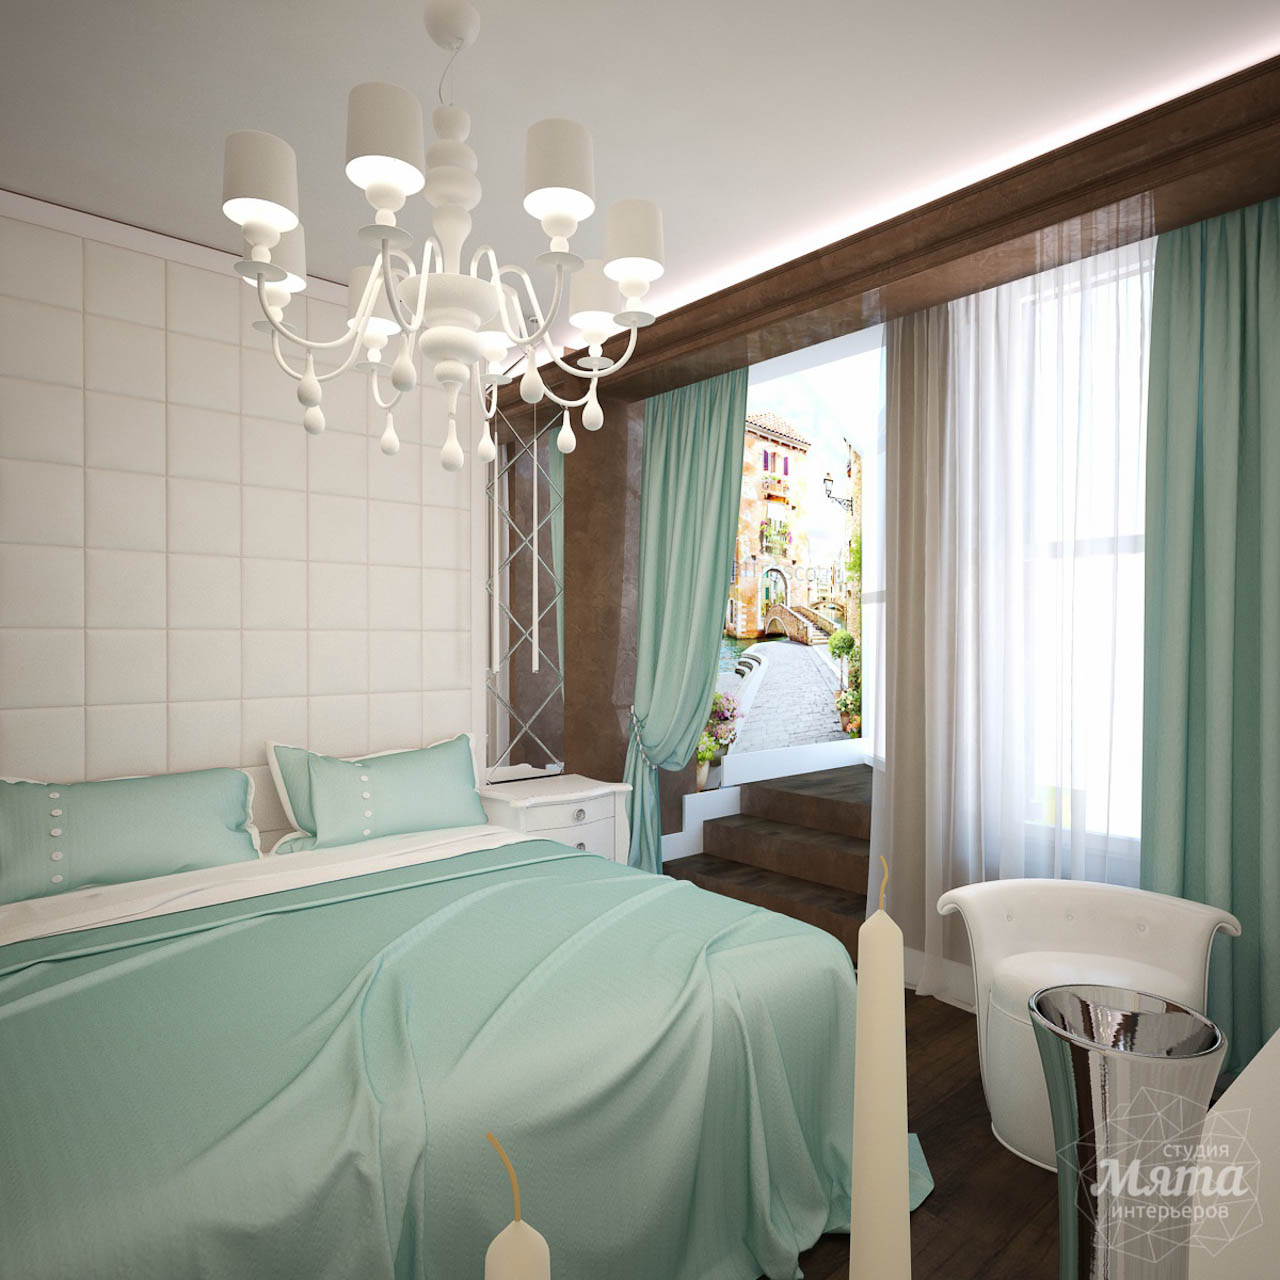 Дизайн интерьера четырехкомнатной квартиры по ул. Шевченко 18 img515965346